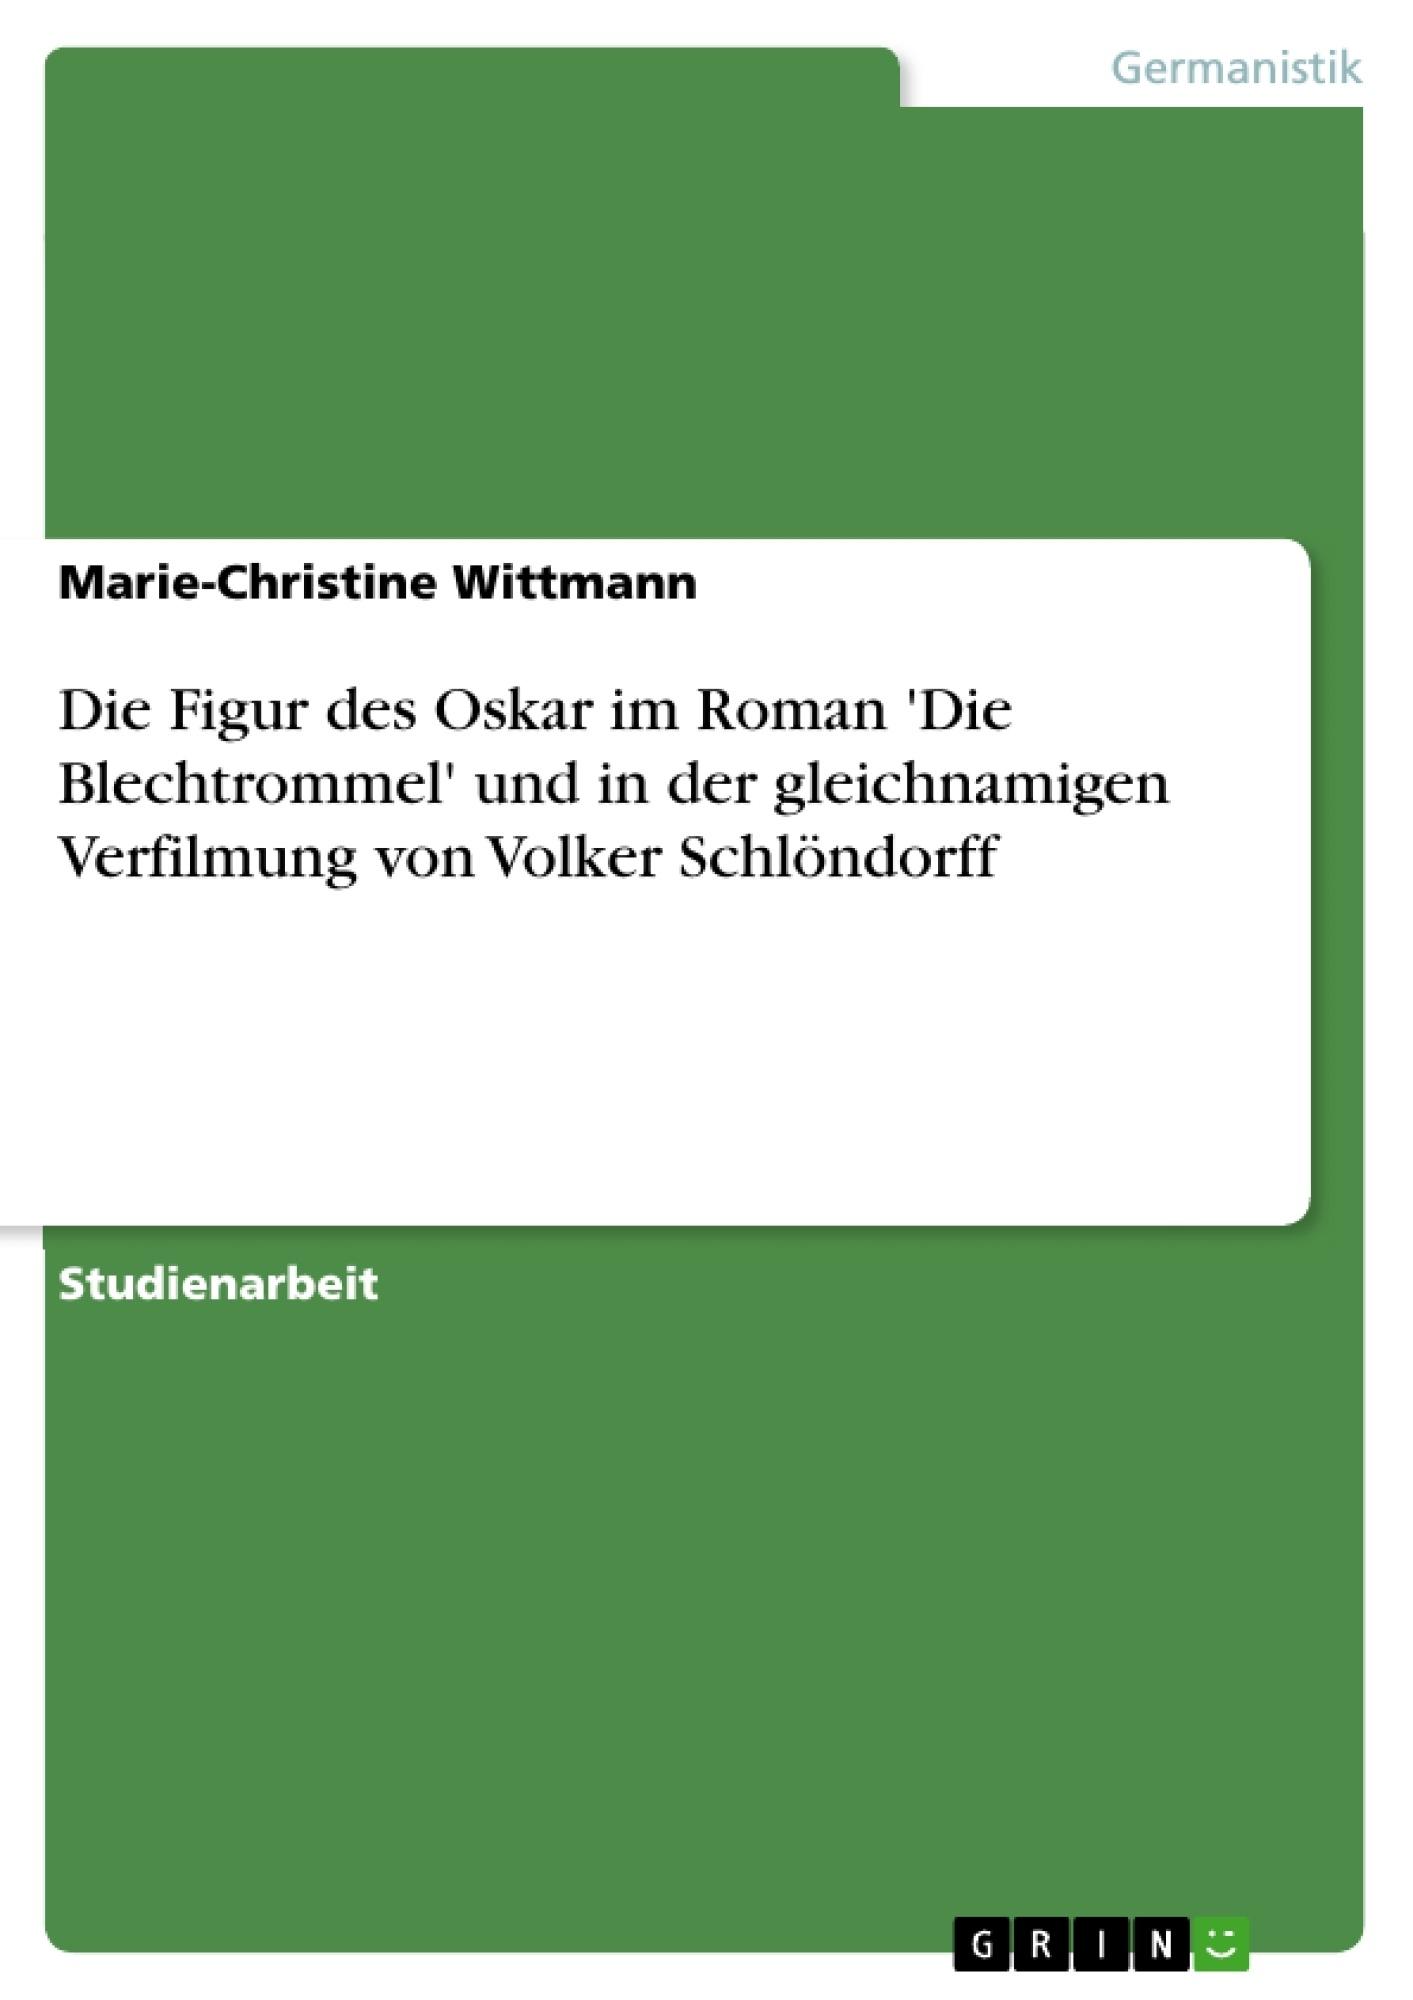 Titel: Die Figur des Oskar im Roman 'Die Blechtrommel' und in der gleichnamigen Verfilmung von Volker Schlöndorff